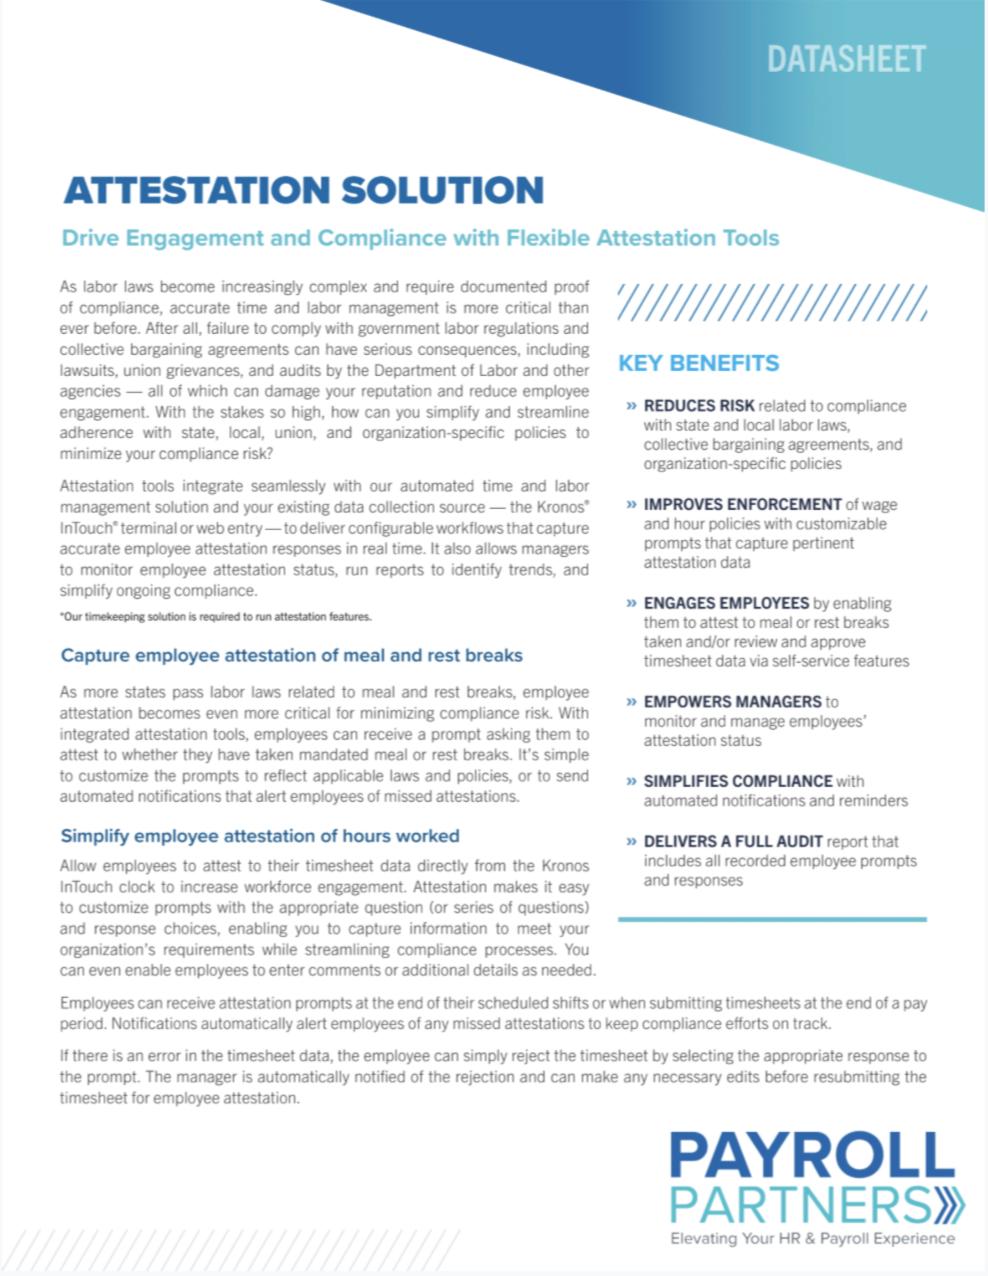 Attestation Solution